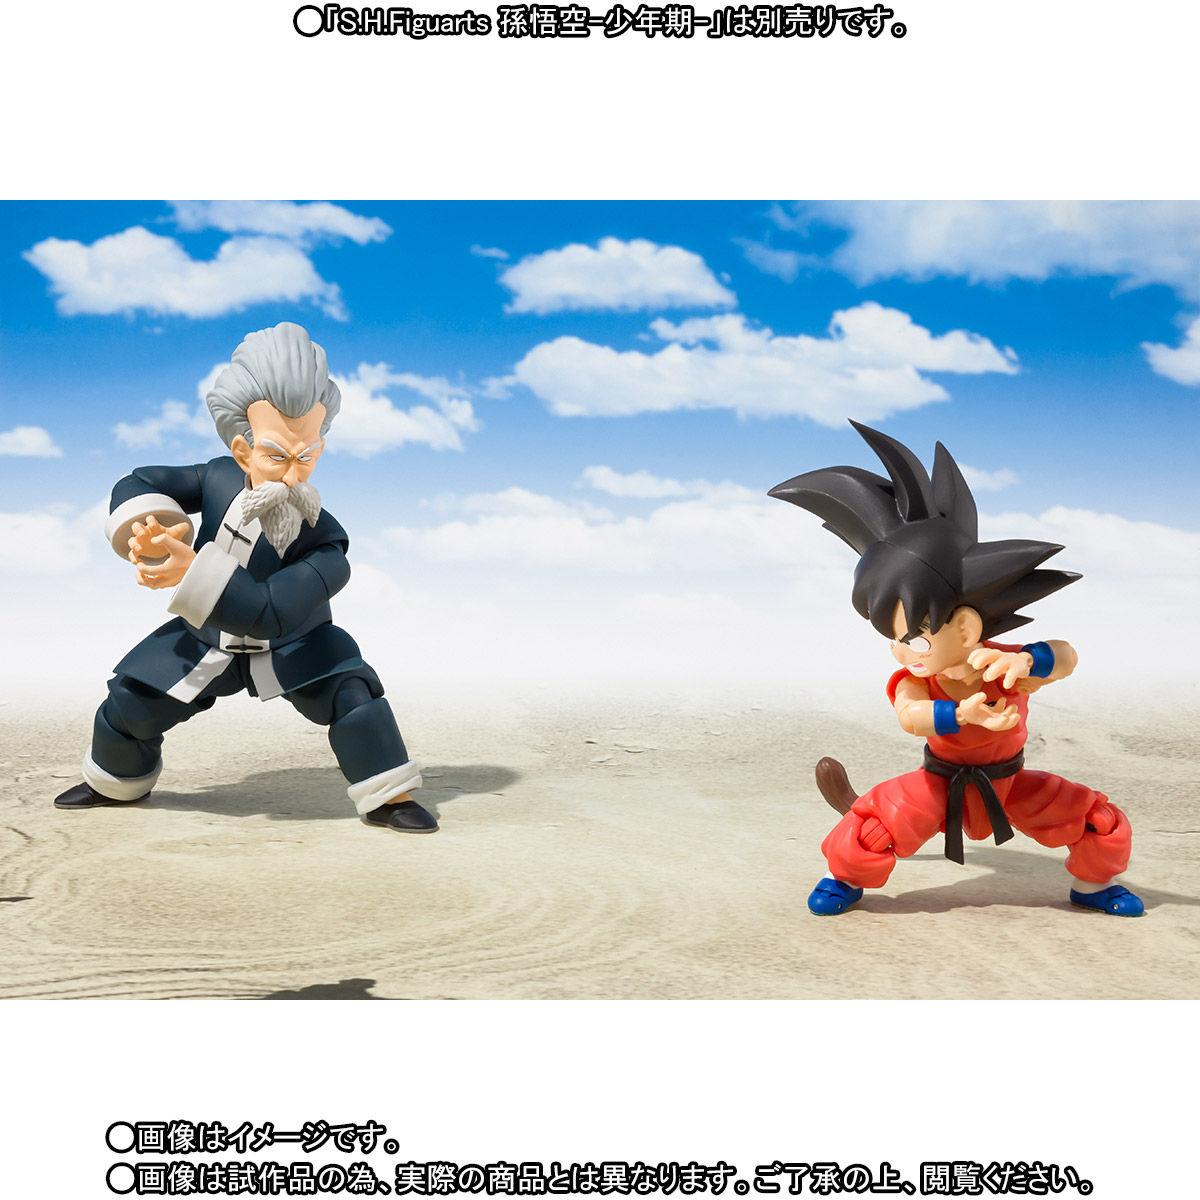 【限定販売】S.H.Figuarts『ジャッキー・チュン』ドラゴンボール 可動フィギュア-009